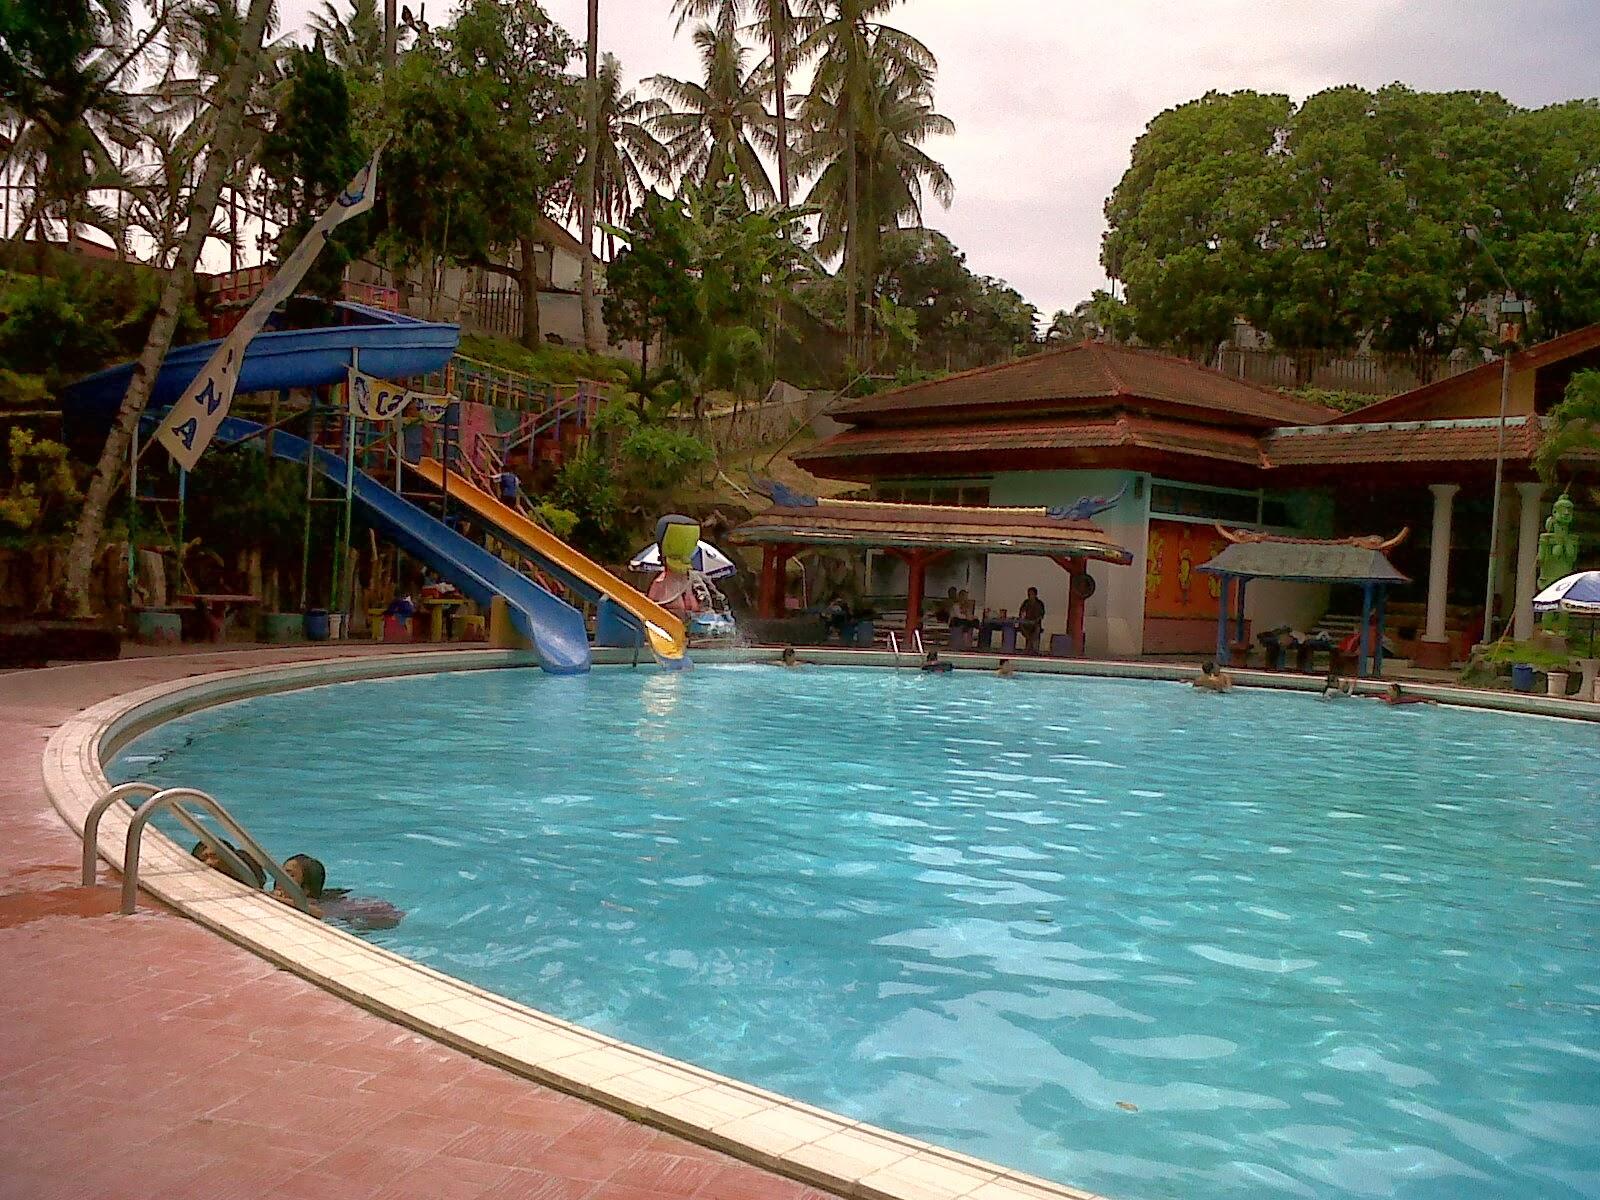 wisata kolam renang di malang yang akan segarkan long weekendmu rh travelingyuk com villa kolam renang murah di batu malang kolam renang murah di batu malang